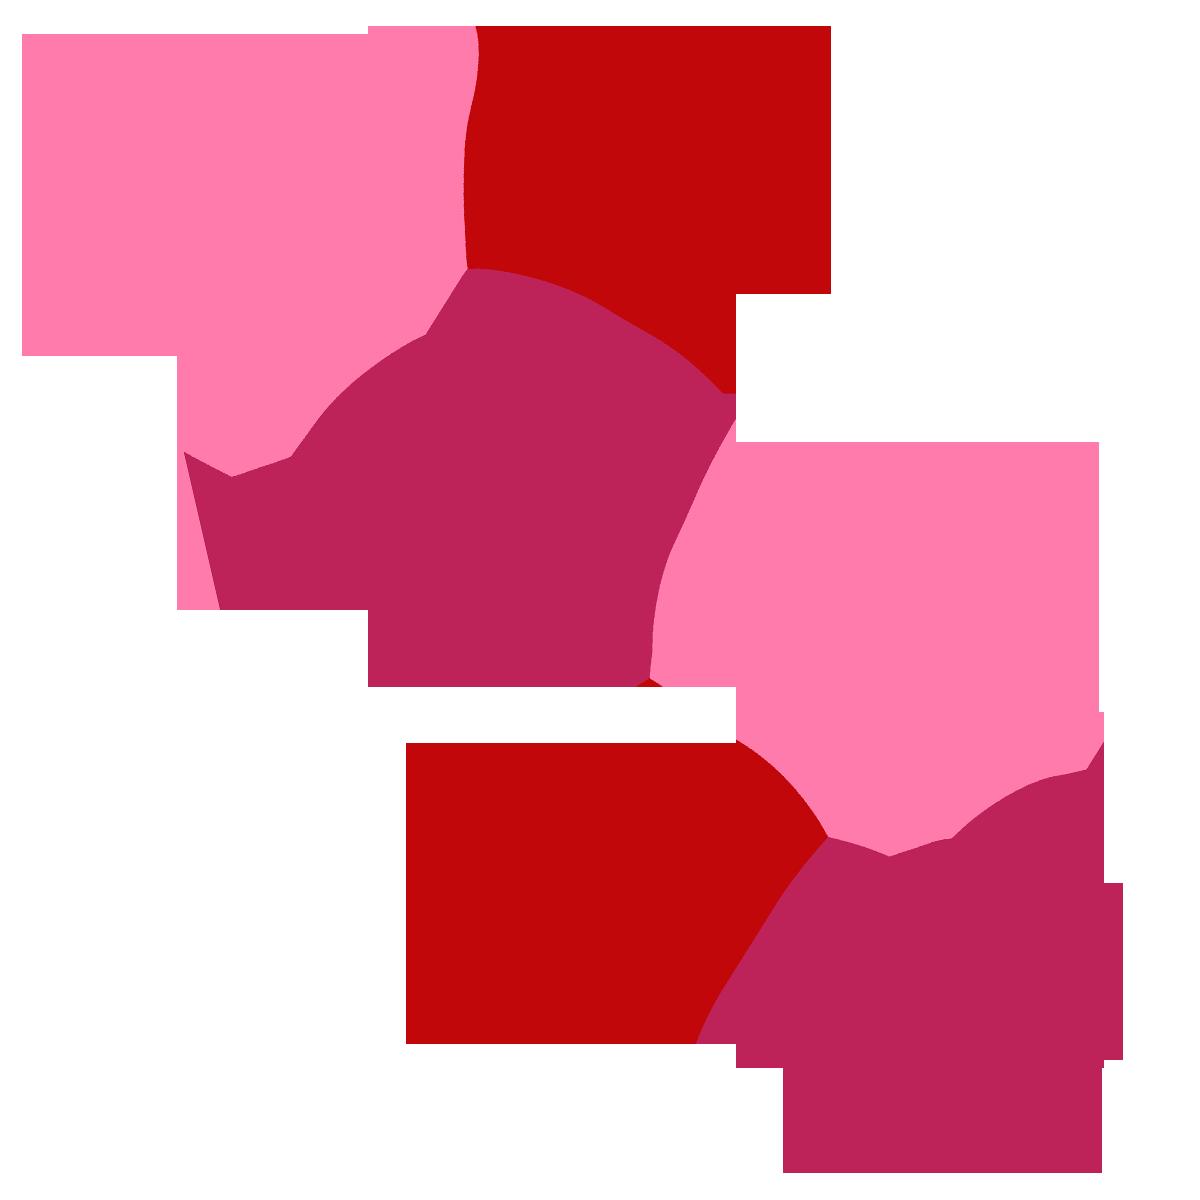 Valentines Heart Clip Art .-Valentines Heart Clip Art .-16